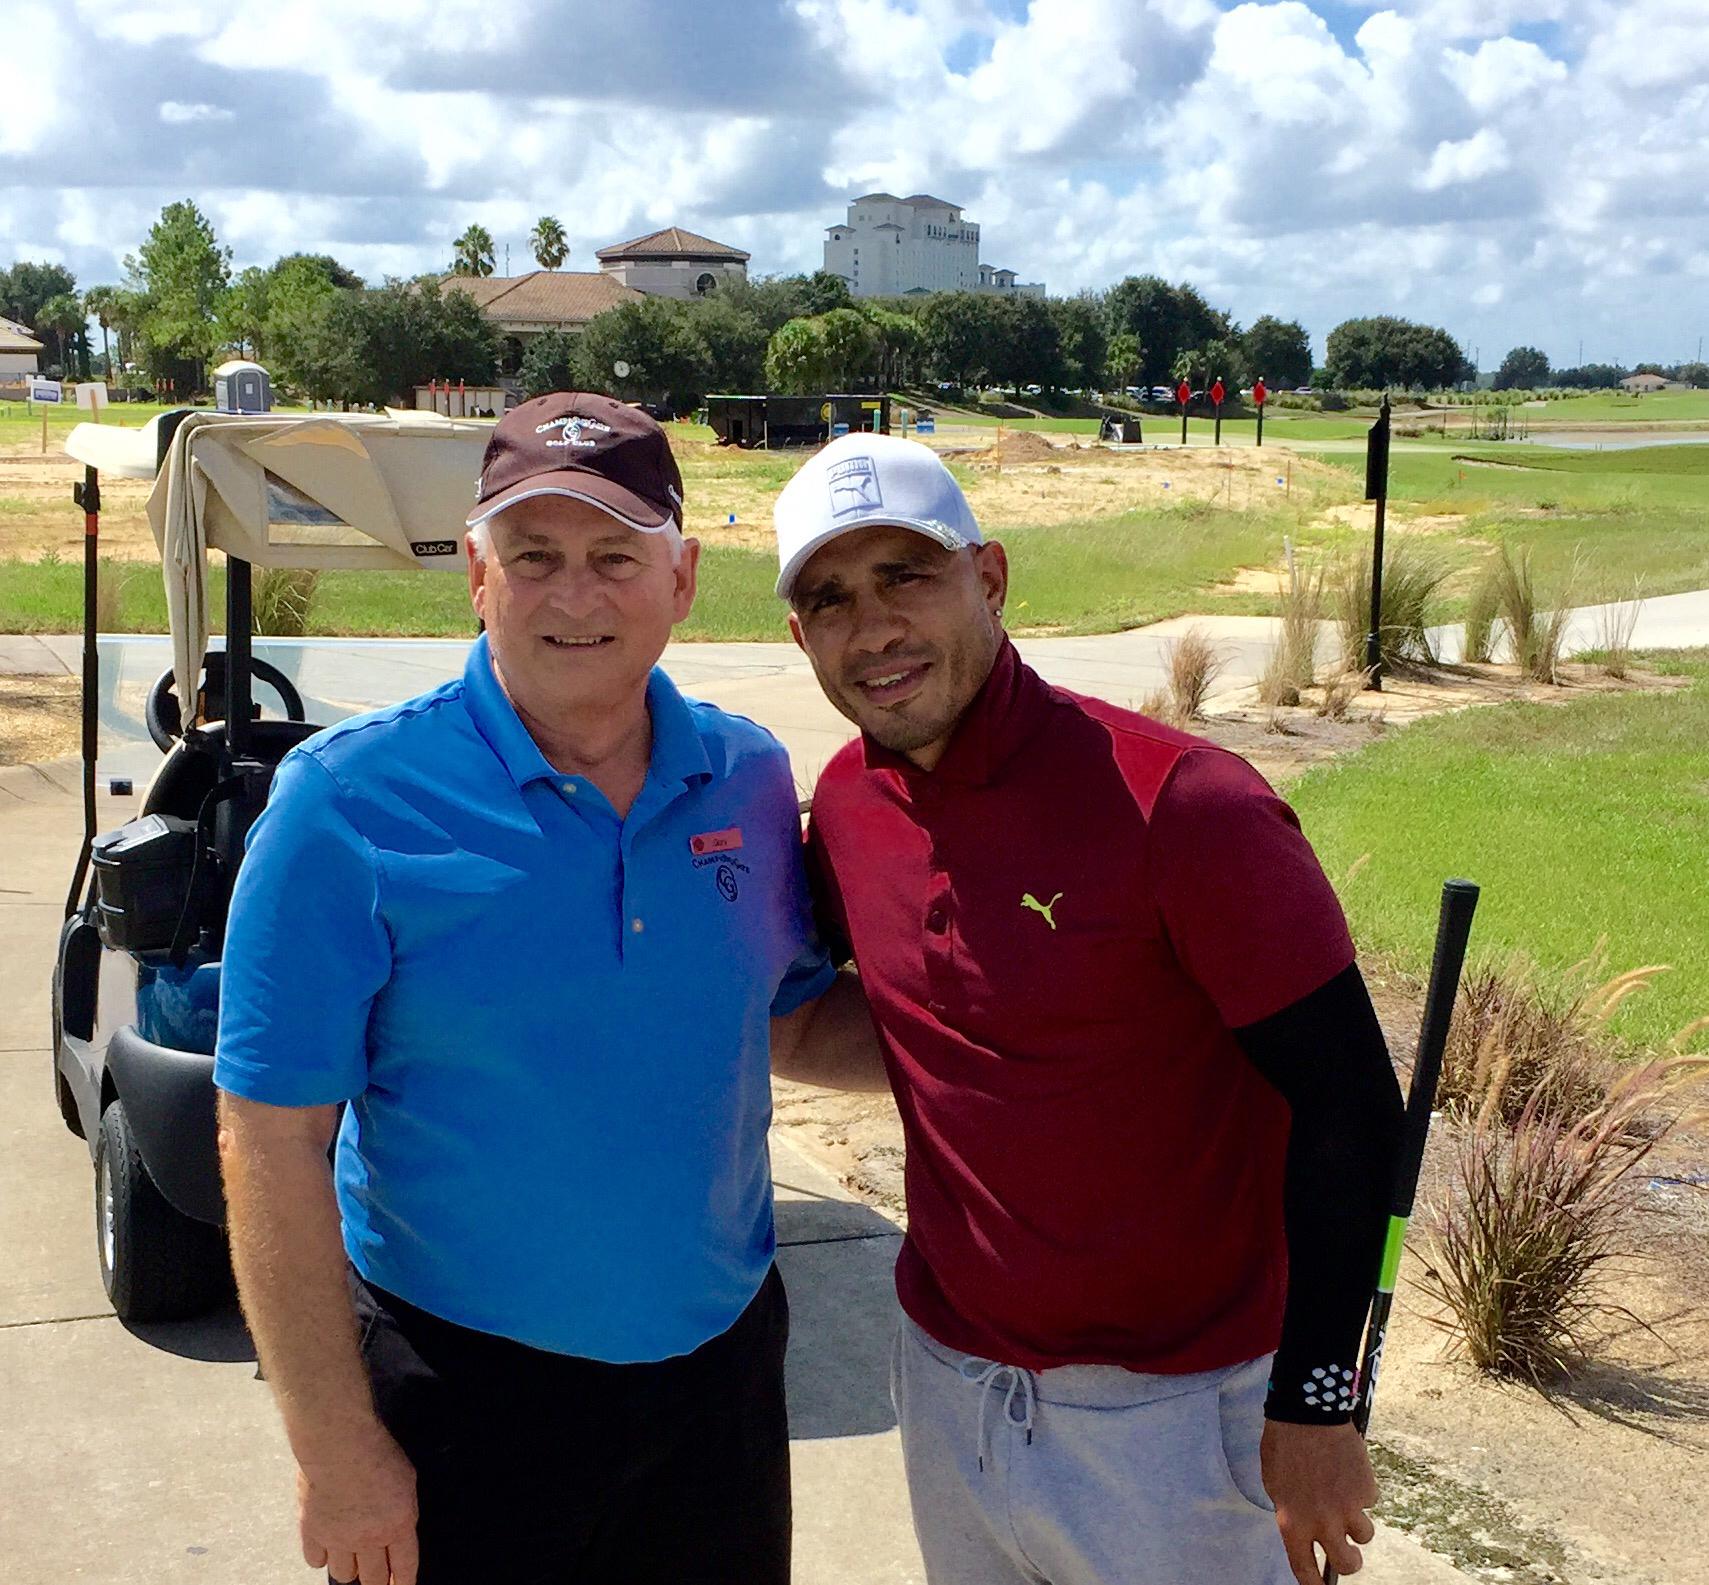 Avatar of golfer named Gary Romig